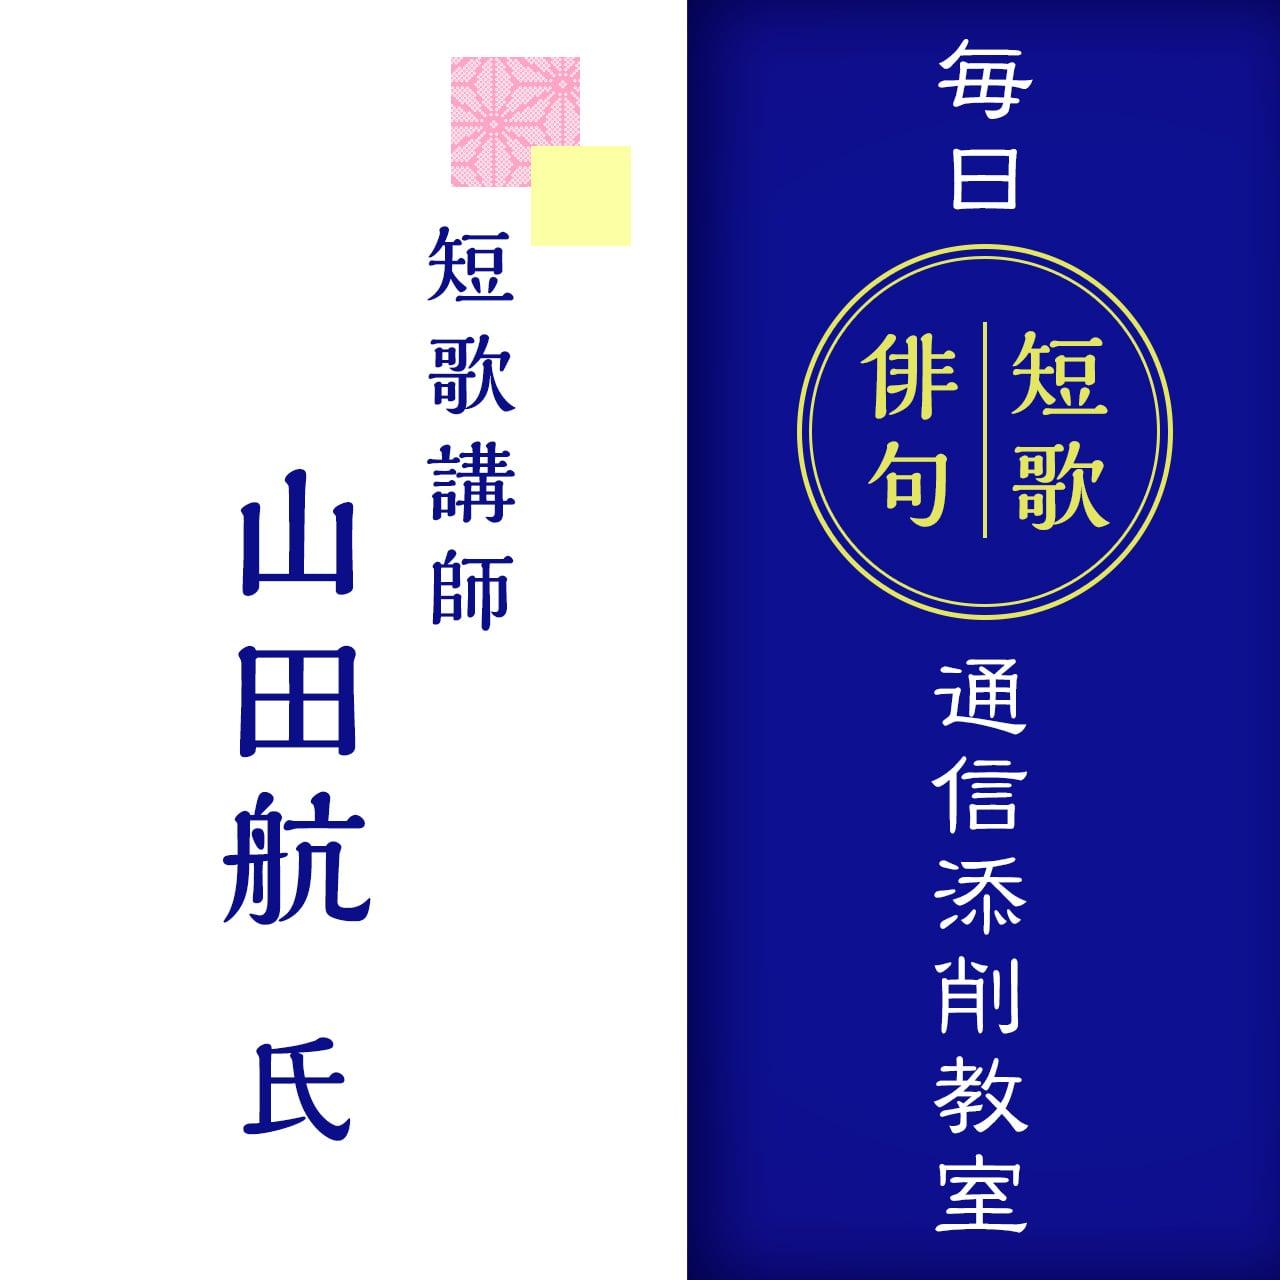 毎日短歌・俳句通信添削教室 1講座6回(6カ月) 短歌講師・山田航 氏